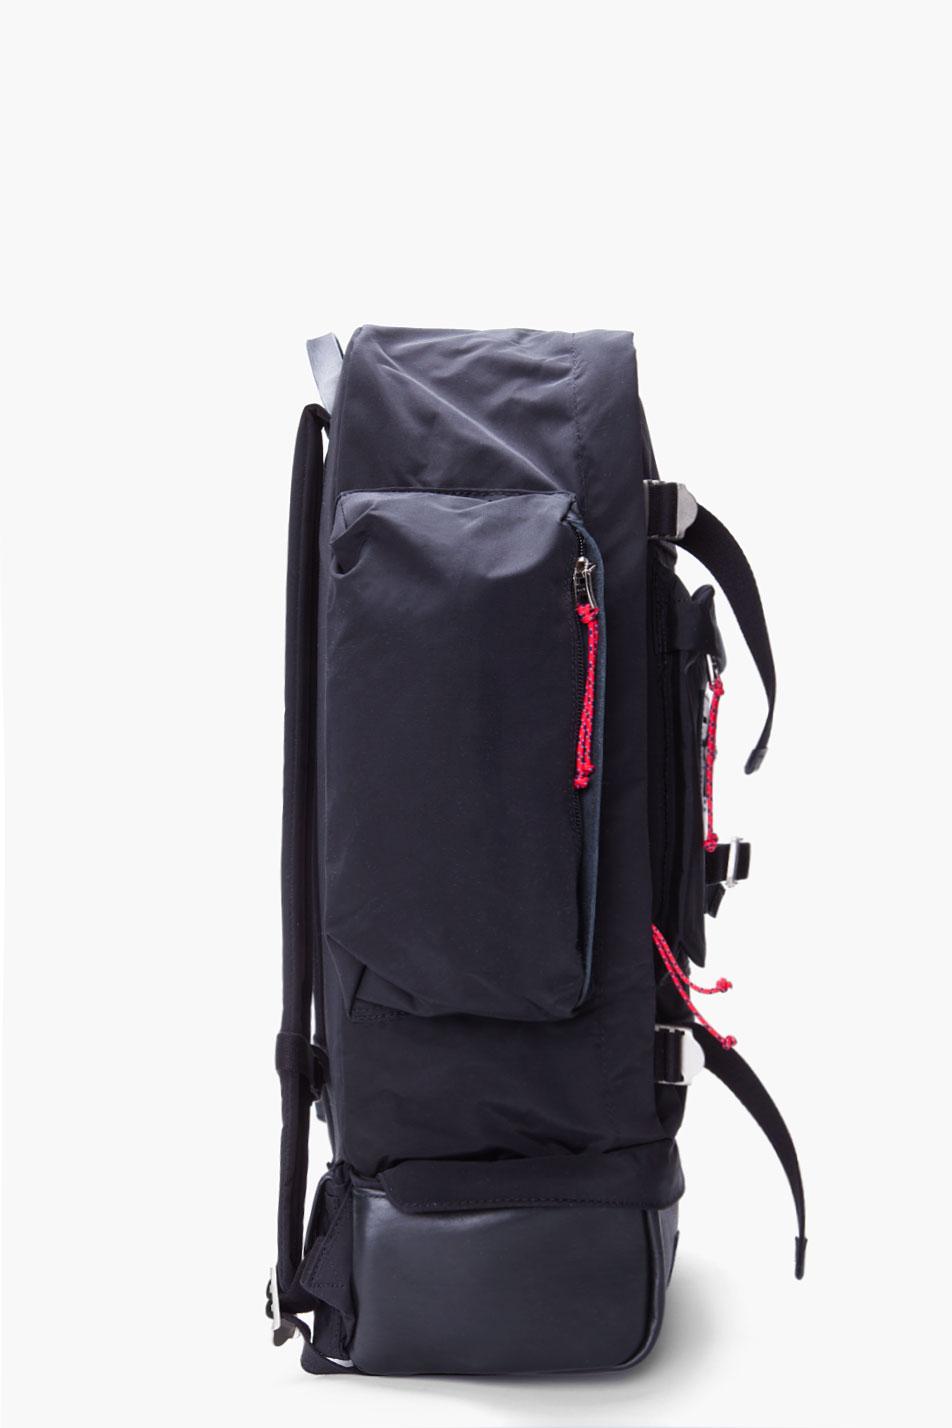 07eaf29873568 Lyst - Stussy Black Leather Trimmed Tramp Backpack in Black for Men